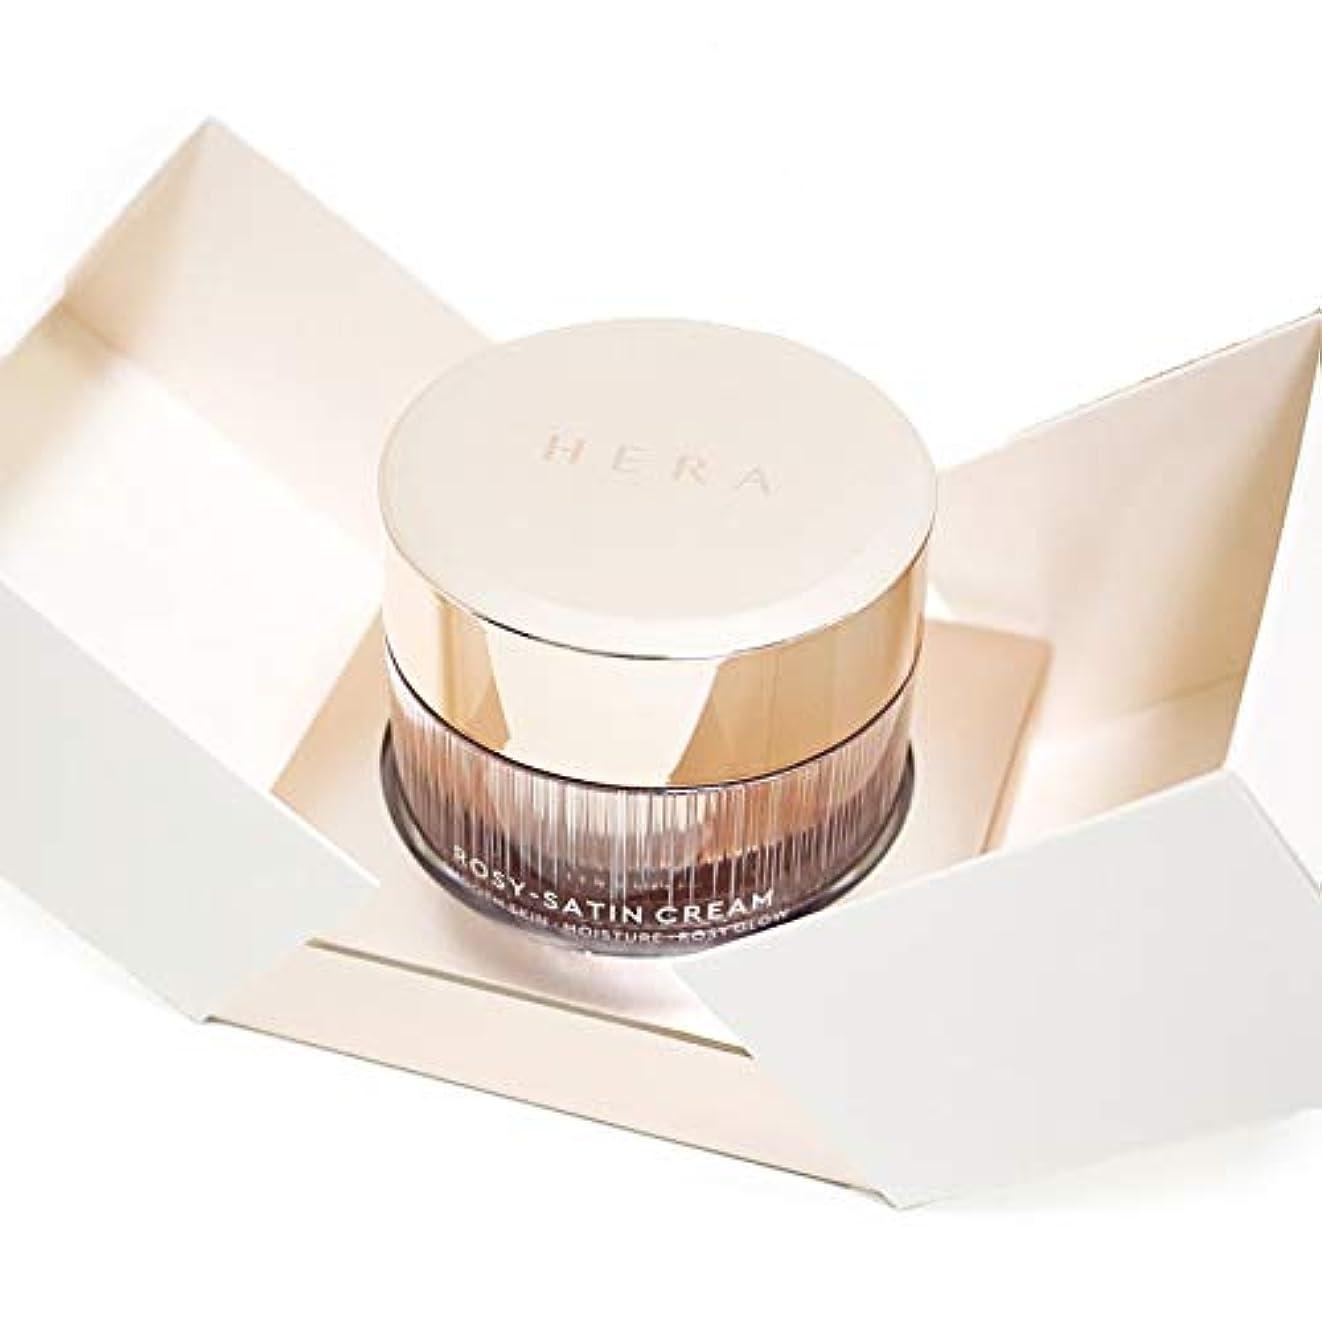 アレンジ便利さ規則性[ヘラ HERA] 新発売 ロージーサテンクリーム50ML Rosy-Satin Cream 50ml  海外直送品